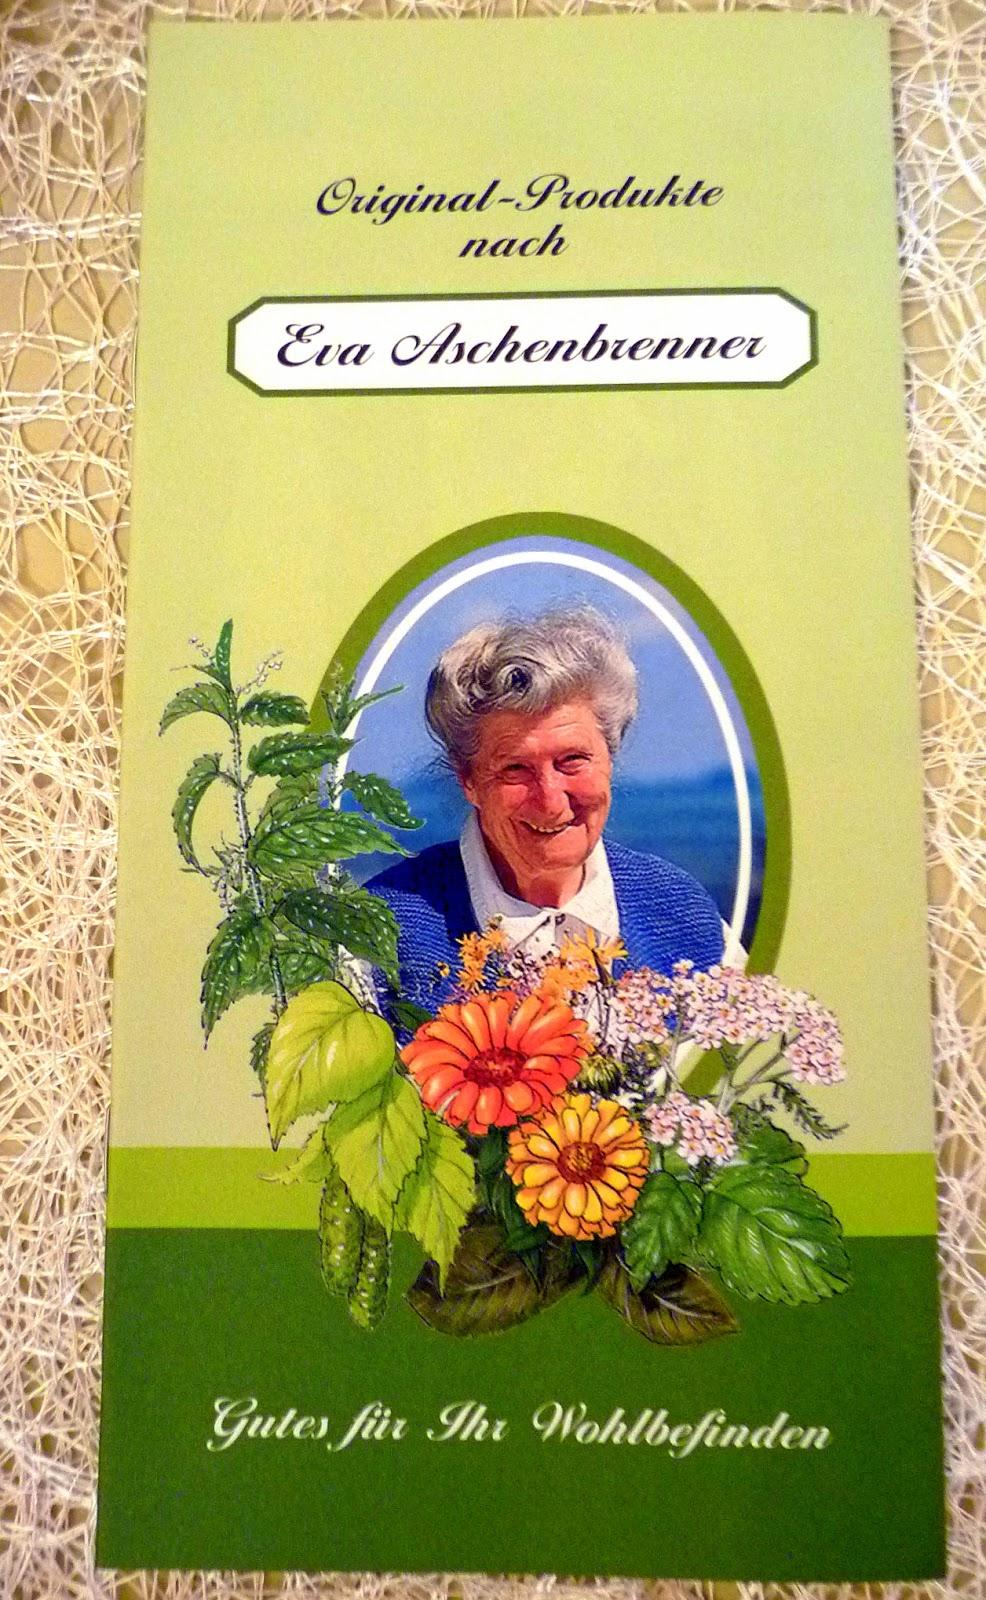 Mellissentee von Eva Aschenbrenner